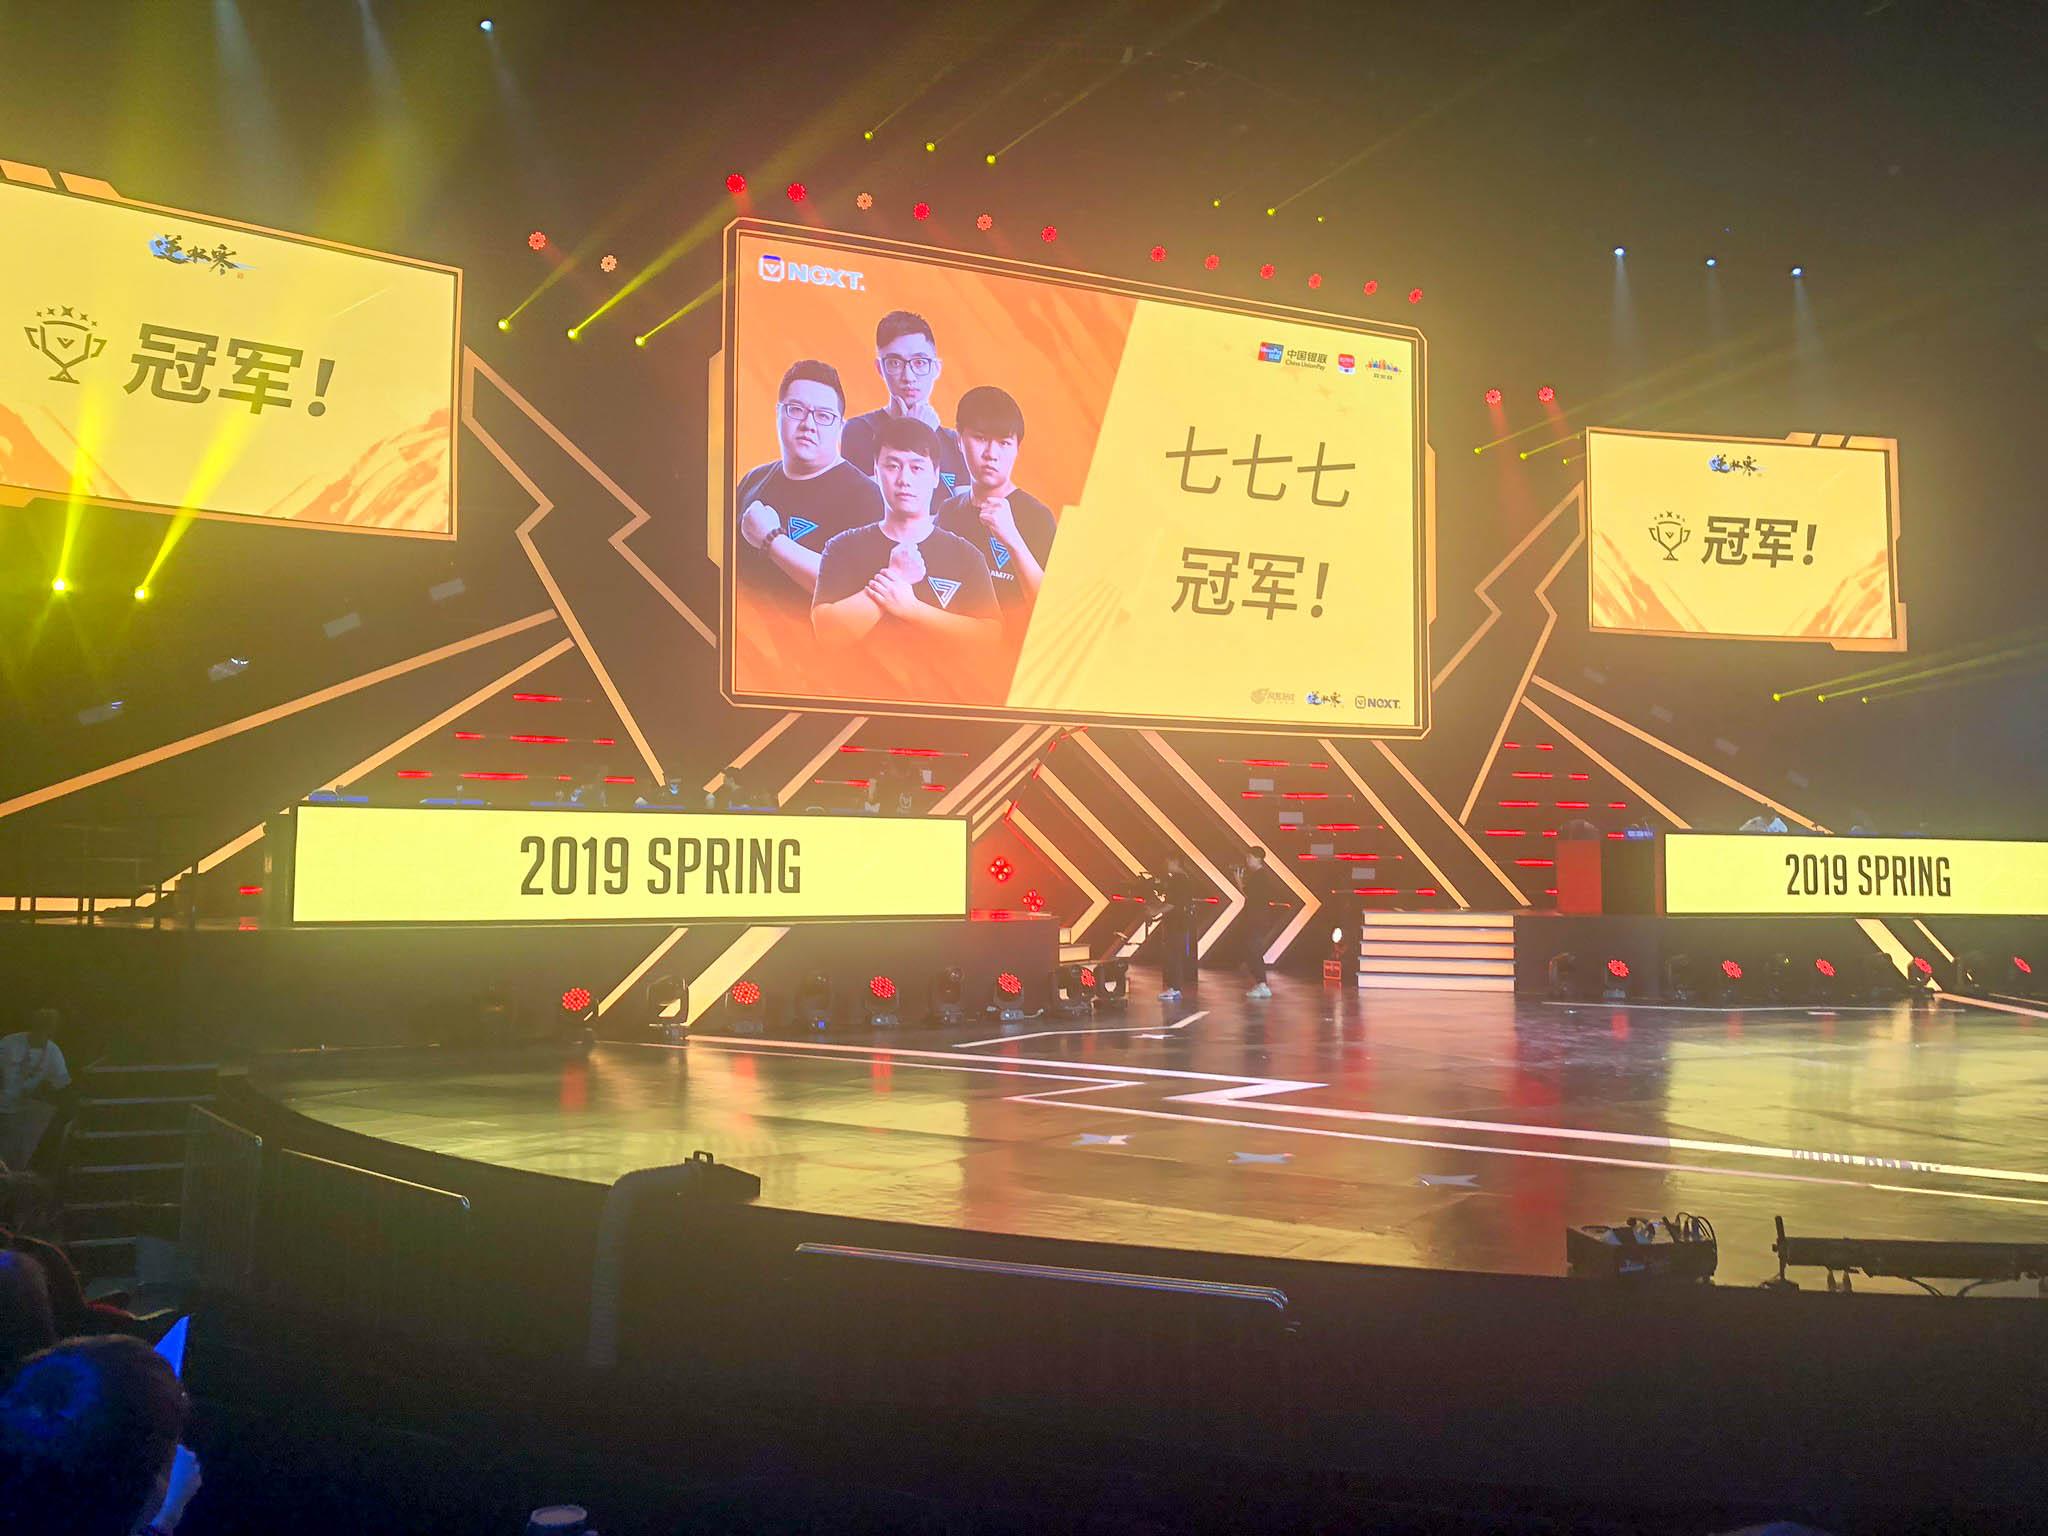 上海·网易电竞X系列赛2019春季赛 游玩 第22张